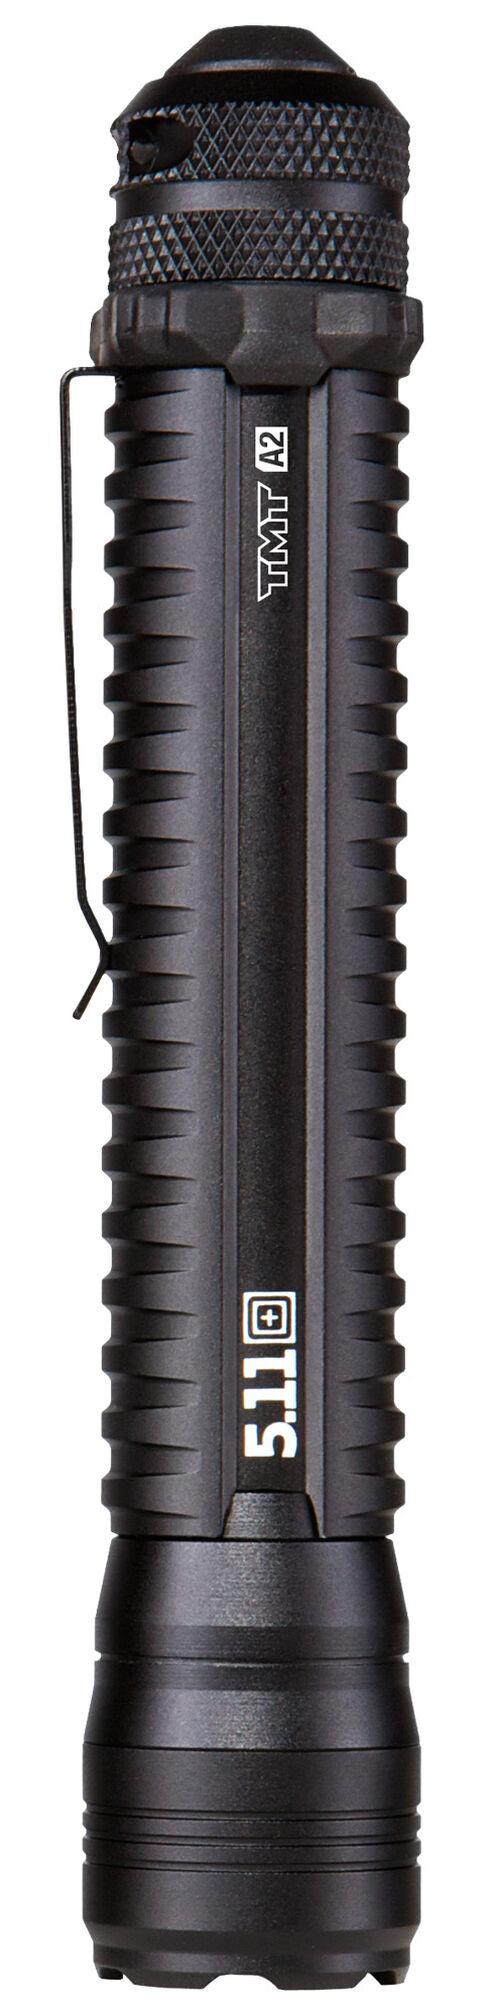 5.11 Tactical TMT A2 Flashlight, Black, hi-res